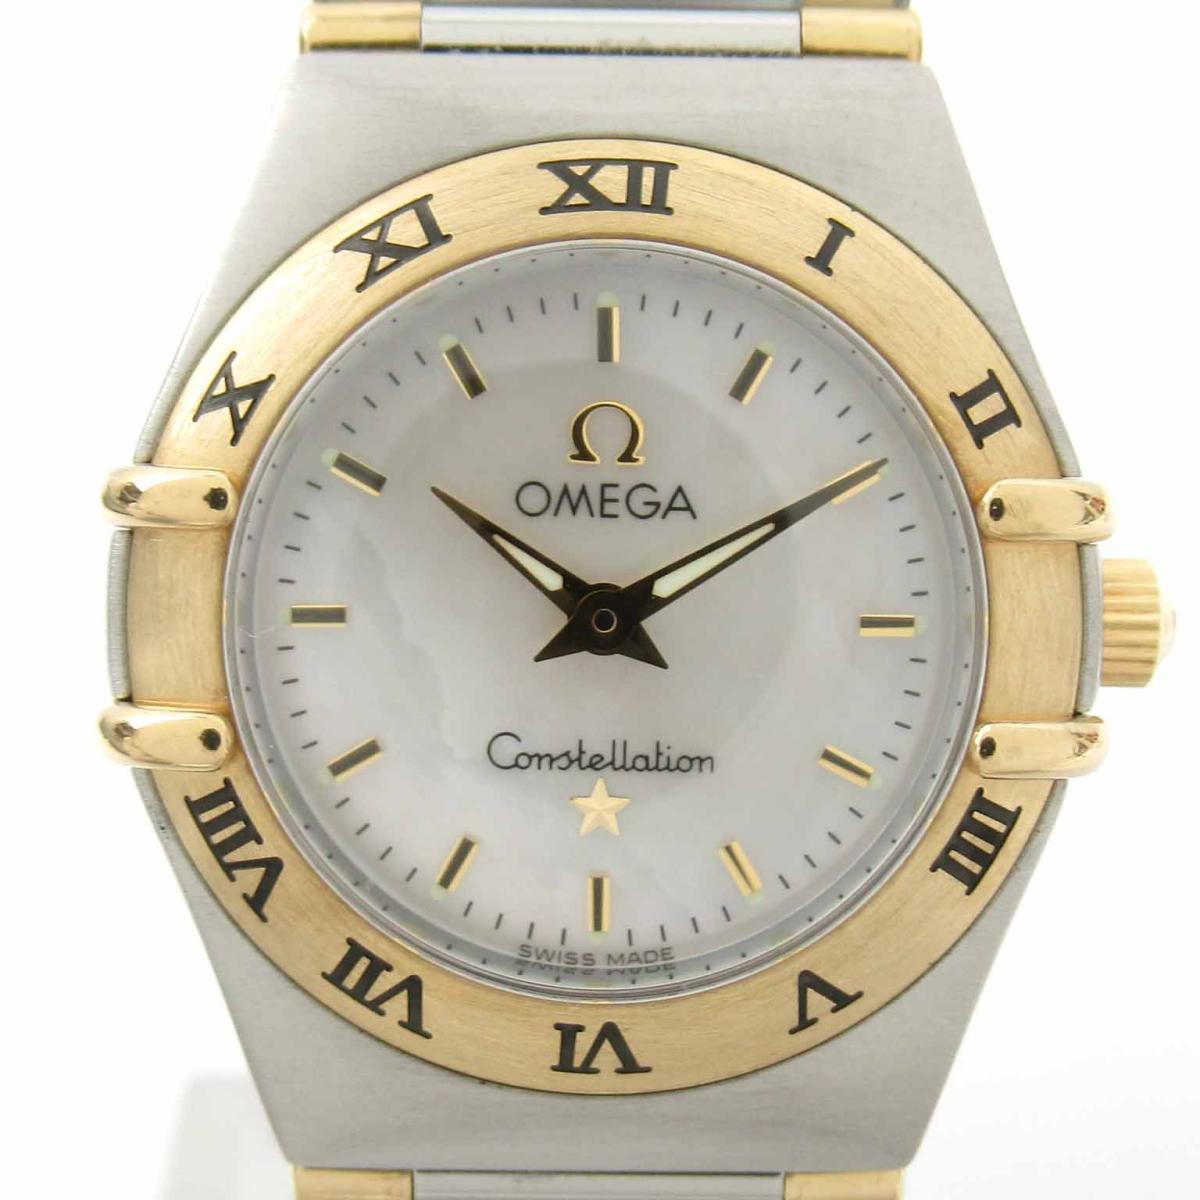 【中古】 オメガ コンステレーション ウォッチ 腕時計 レディース K18YG (750)イエローゴールド ステンレススチール (SS) (1262.70) | OMEGA BRANDOFF ブランドオフ ブランド ブランド時計 ブランド腕時計 時計